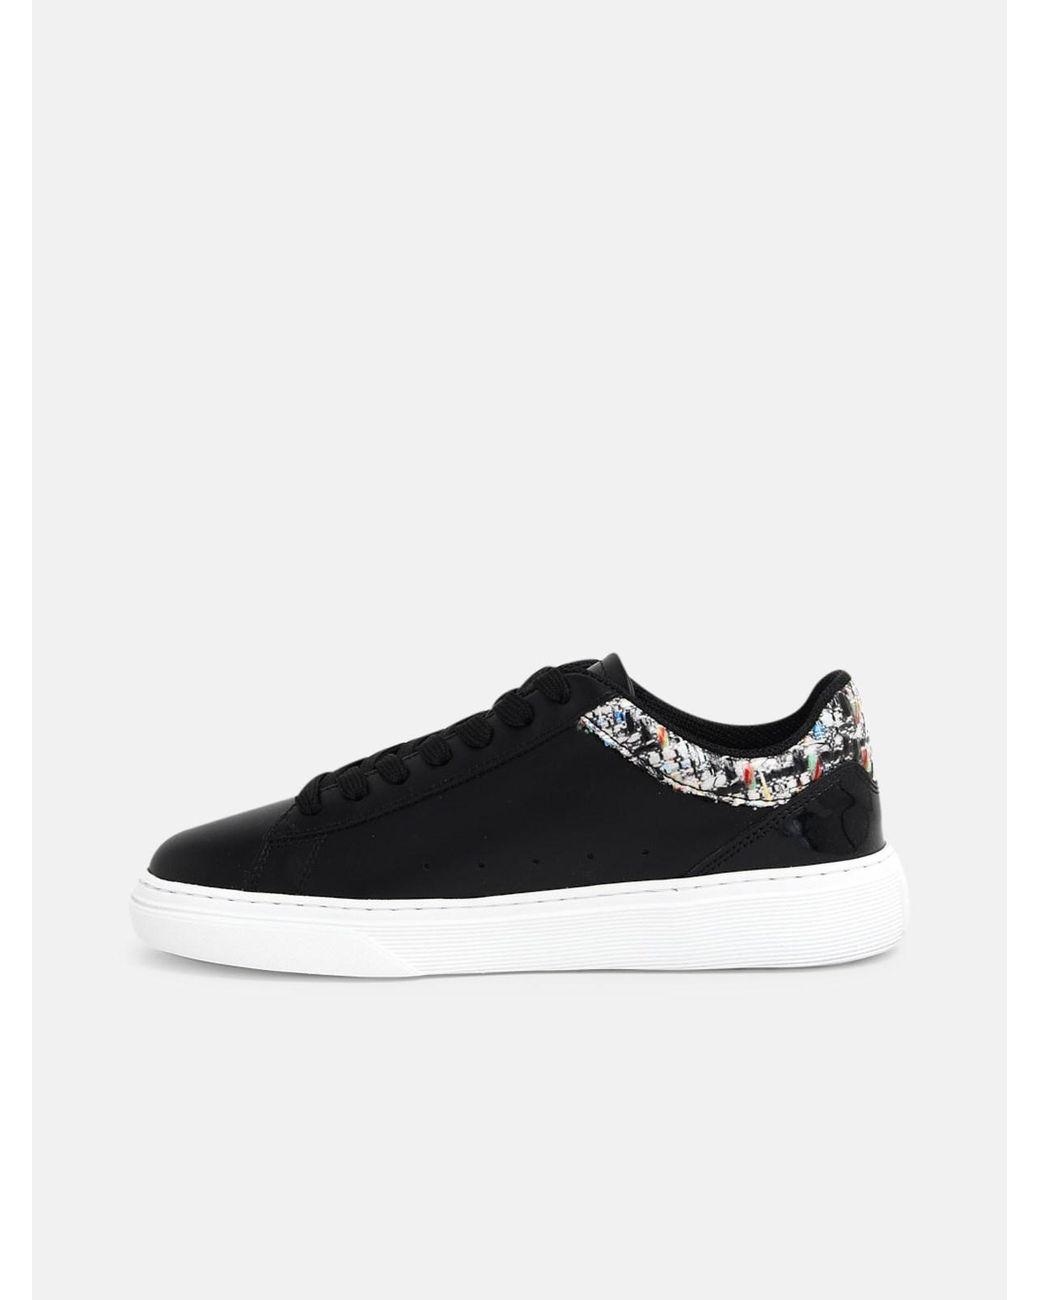 Hogan Sneakers H365 Fiori Nere in Black - Lyst